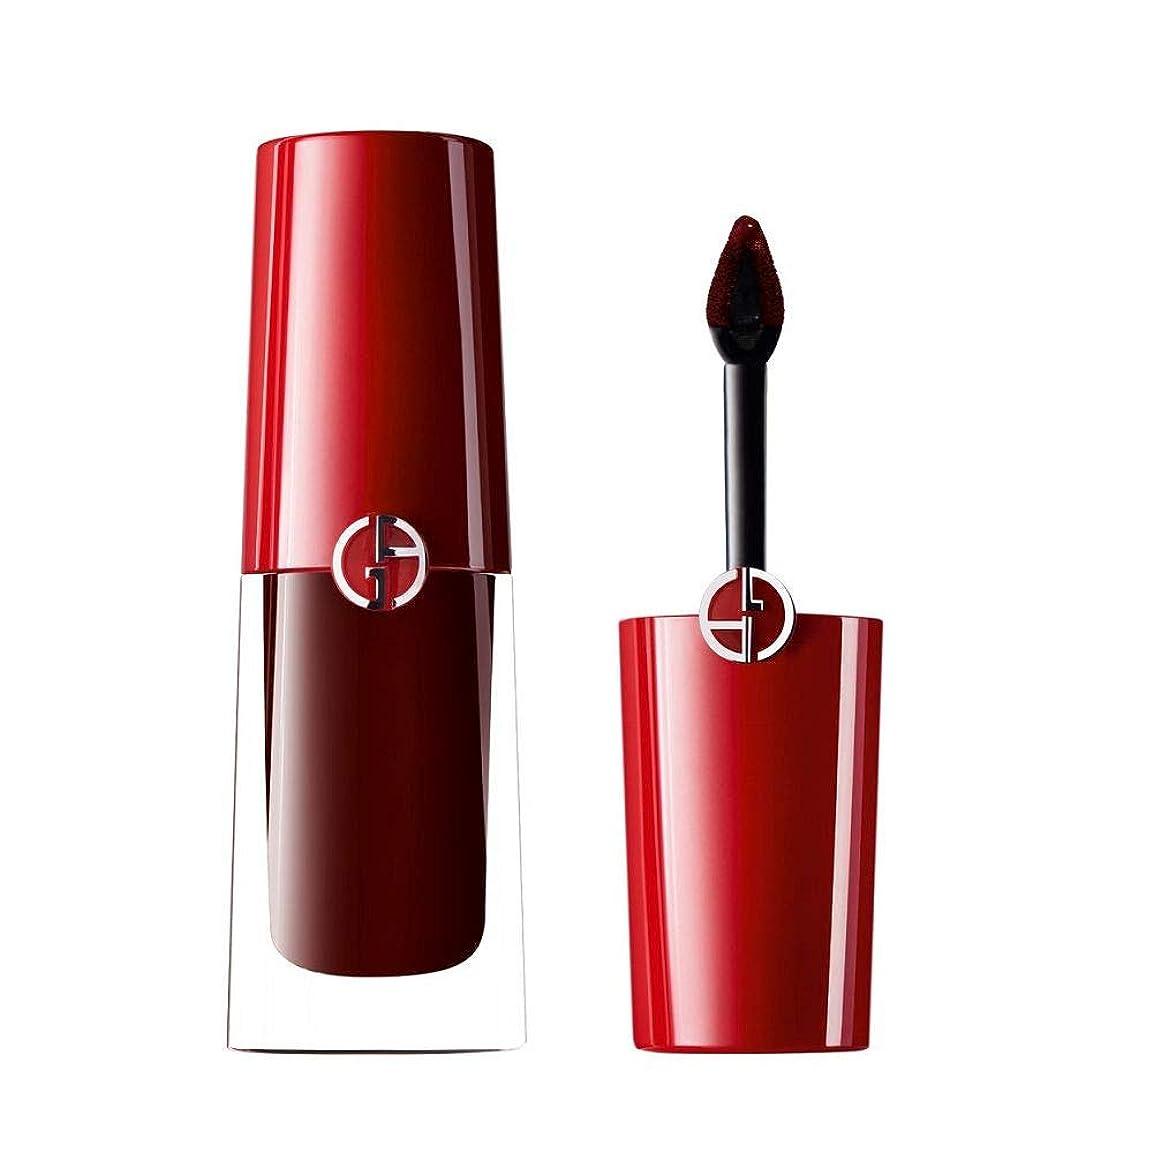 感謝円形相反するジョルジオアルマーニ Lip Magnet Second Skin Intense Matte Color - # 603 Adrenaline 3.9ml/0.13oz並行輸入品